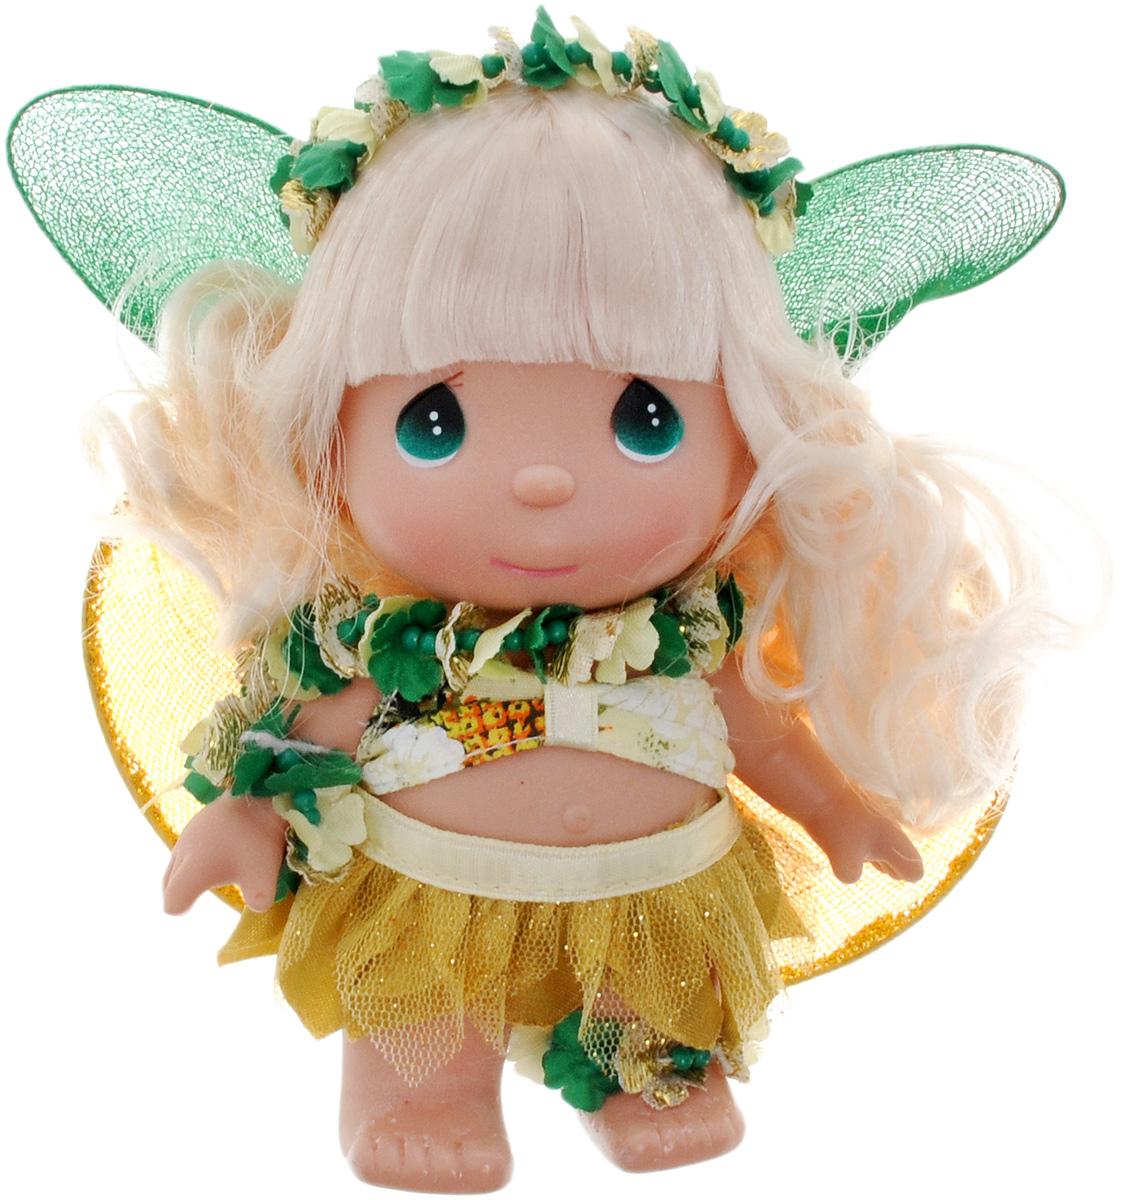 Precious Moments Мини-кукла Волшебный ананас5350Какие же милые эти куколки Precious Moments. Создатель этих очаровательных крошек настоящая волшебница - Линда Рик - оживила свои творения, каждая кукла обрела свой милый и неповторимый образ. Эти крошки могут сопровождать вас в чудесных странствиях и сделать каждый момент вашей жизни незабываемым! Мини-кукла Волшебный ананас одета в легкий костюм. На спине у куколки крылья, которые с легкостью можно отстегнуть. Светлые волосы украшены венком из цветков. У девочки большие зеленые глаза. Благодаря играм с куклой, ваша малышка сможет развить фантазию и любознательность, овладеть навыками общения и научиться ответственности. Порадуйте свою принцессу таким прекрасным подарком!